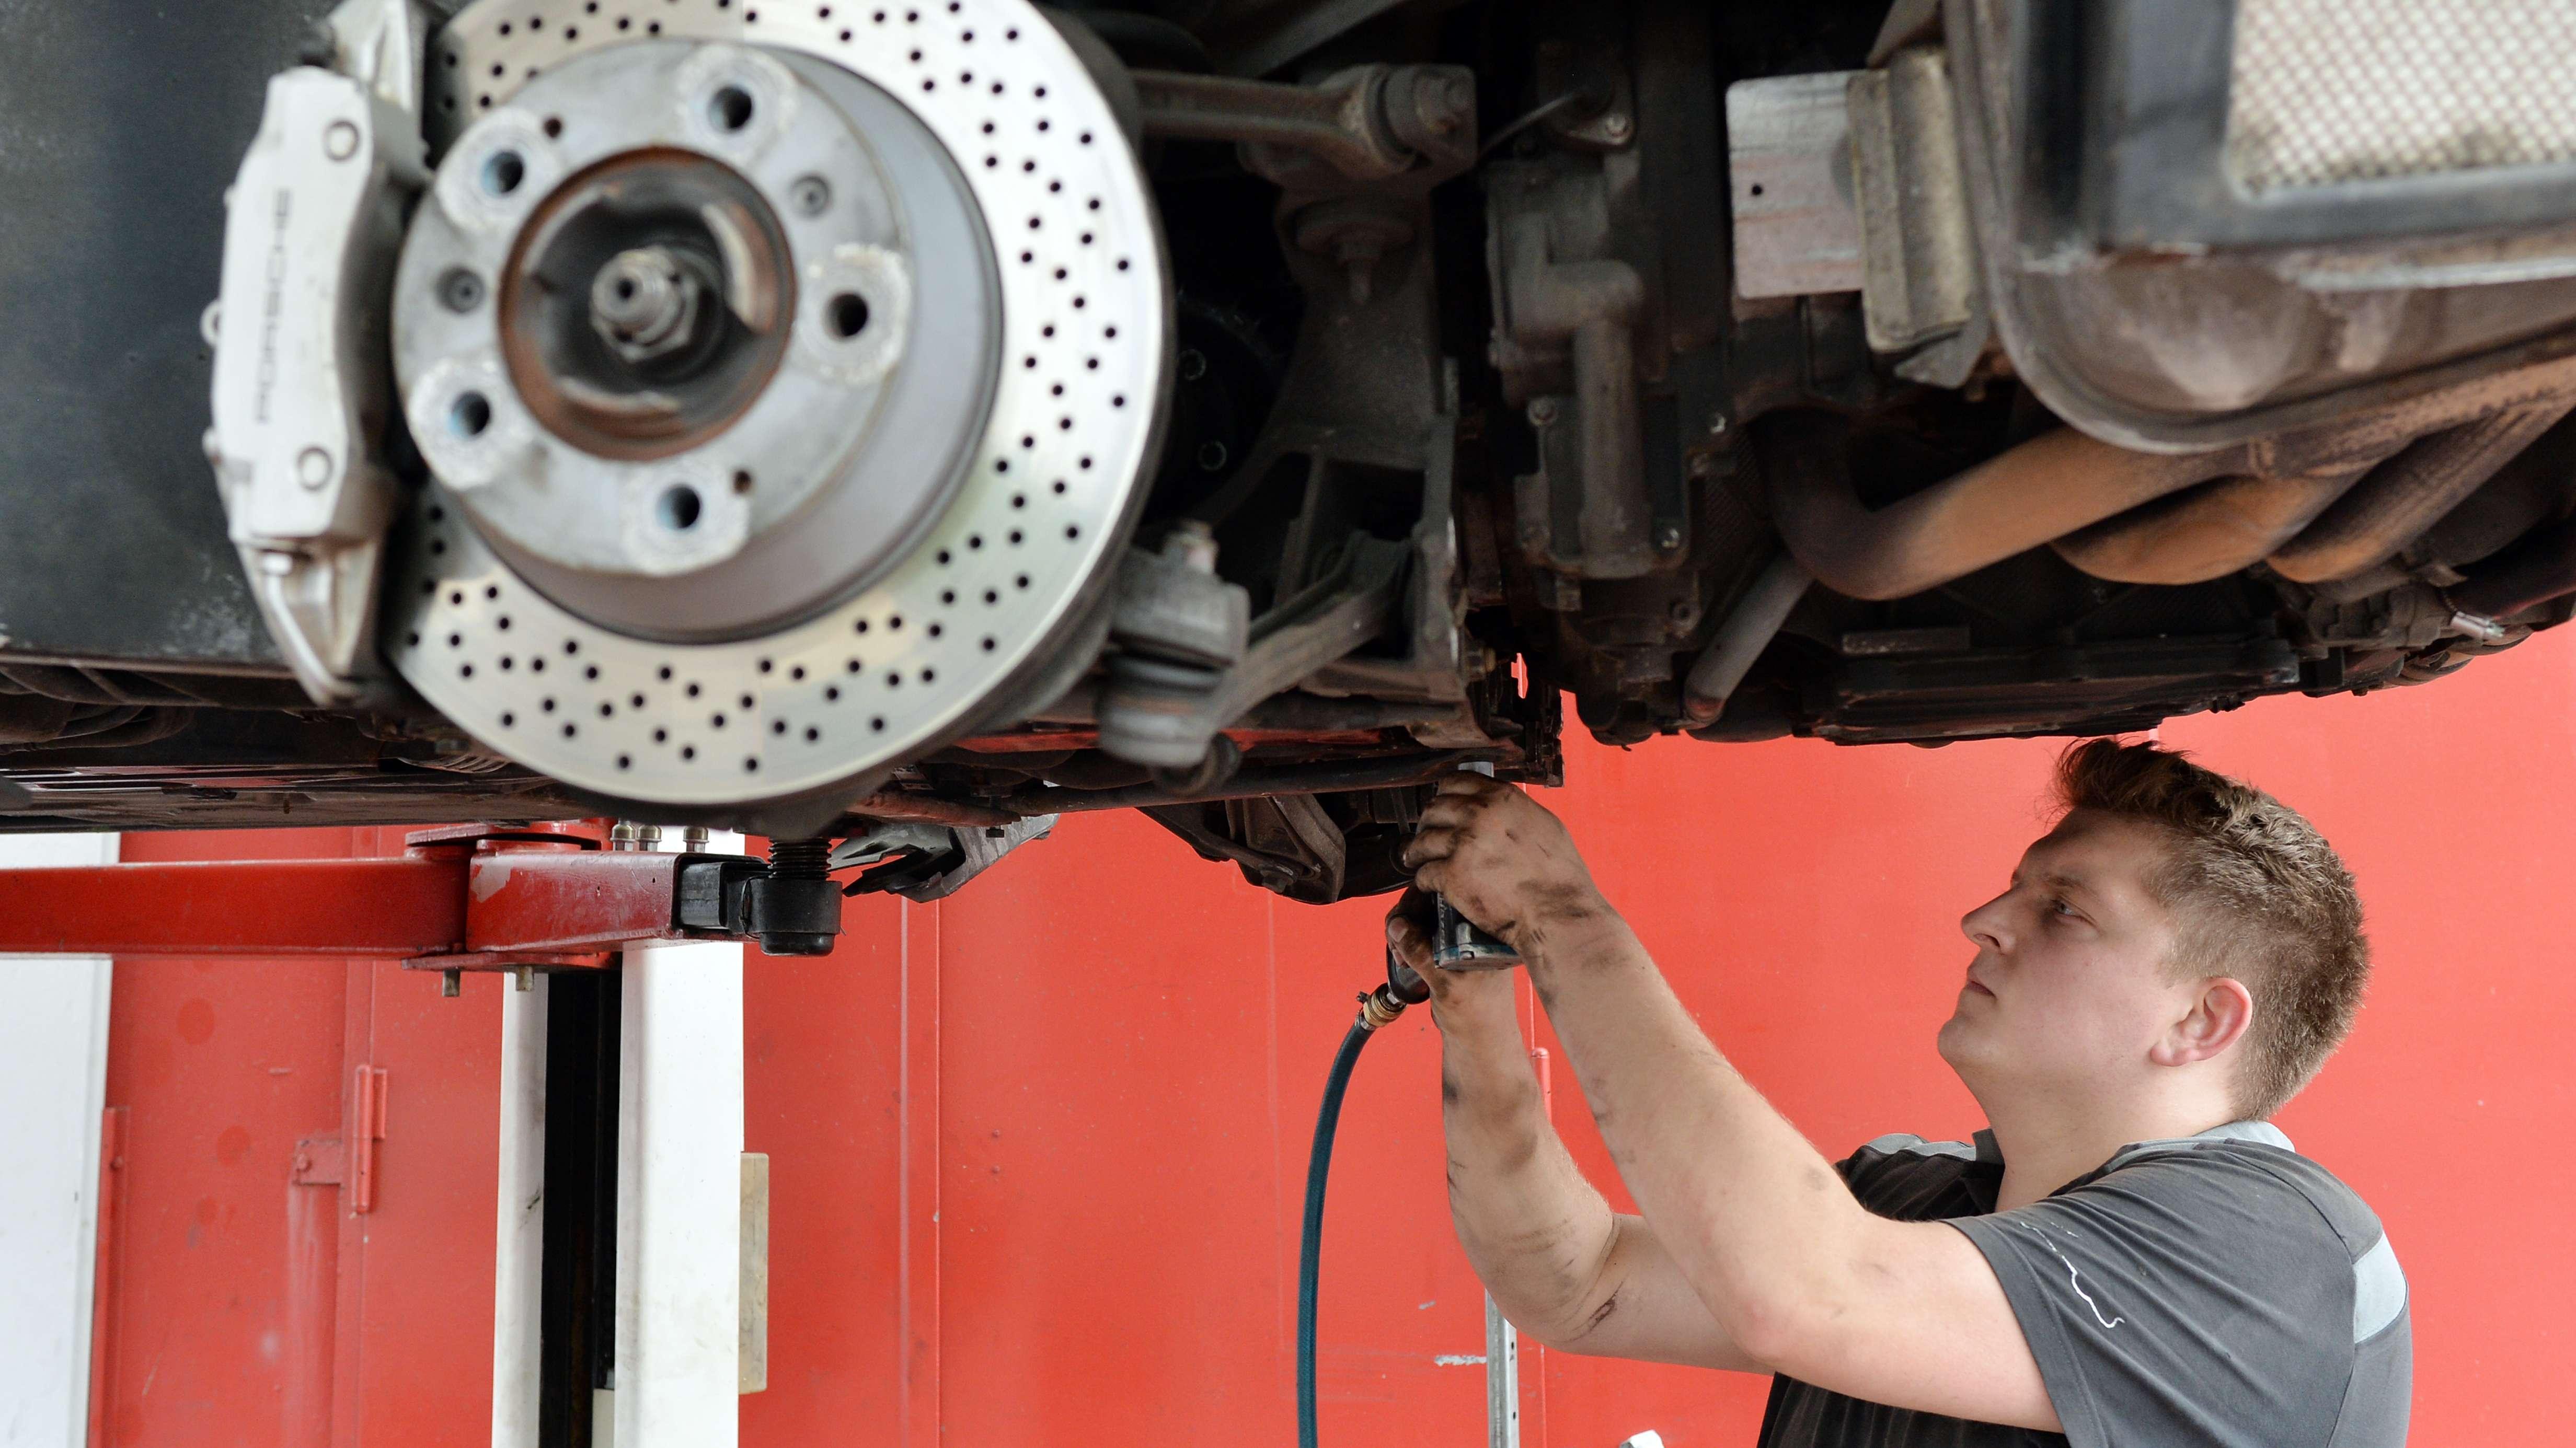 Ein Kfz-Mechaniker arbeitet an einem Auto